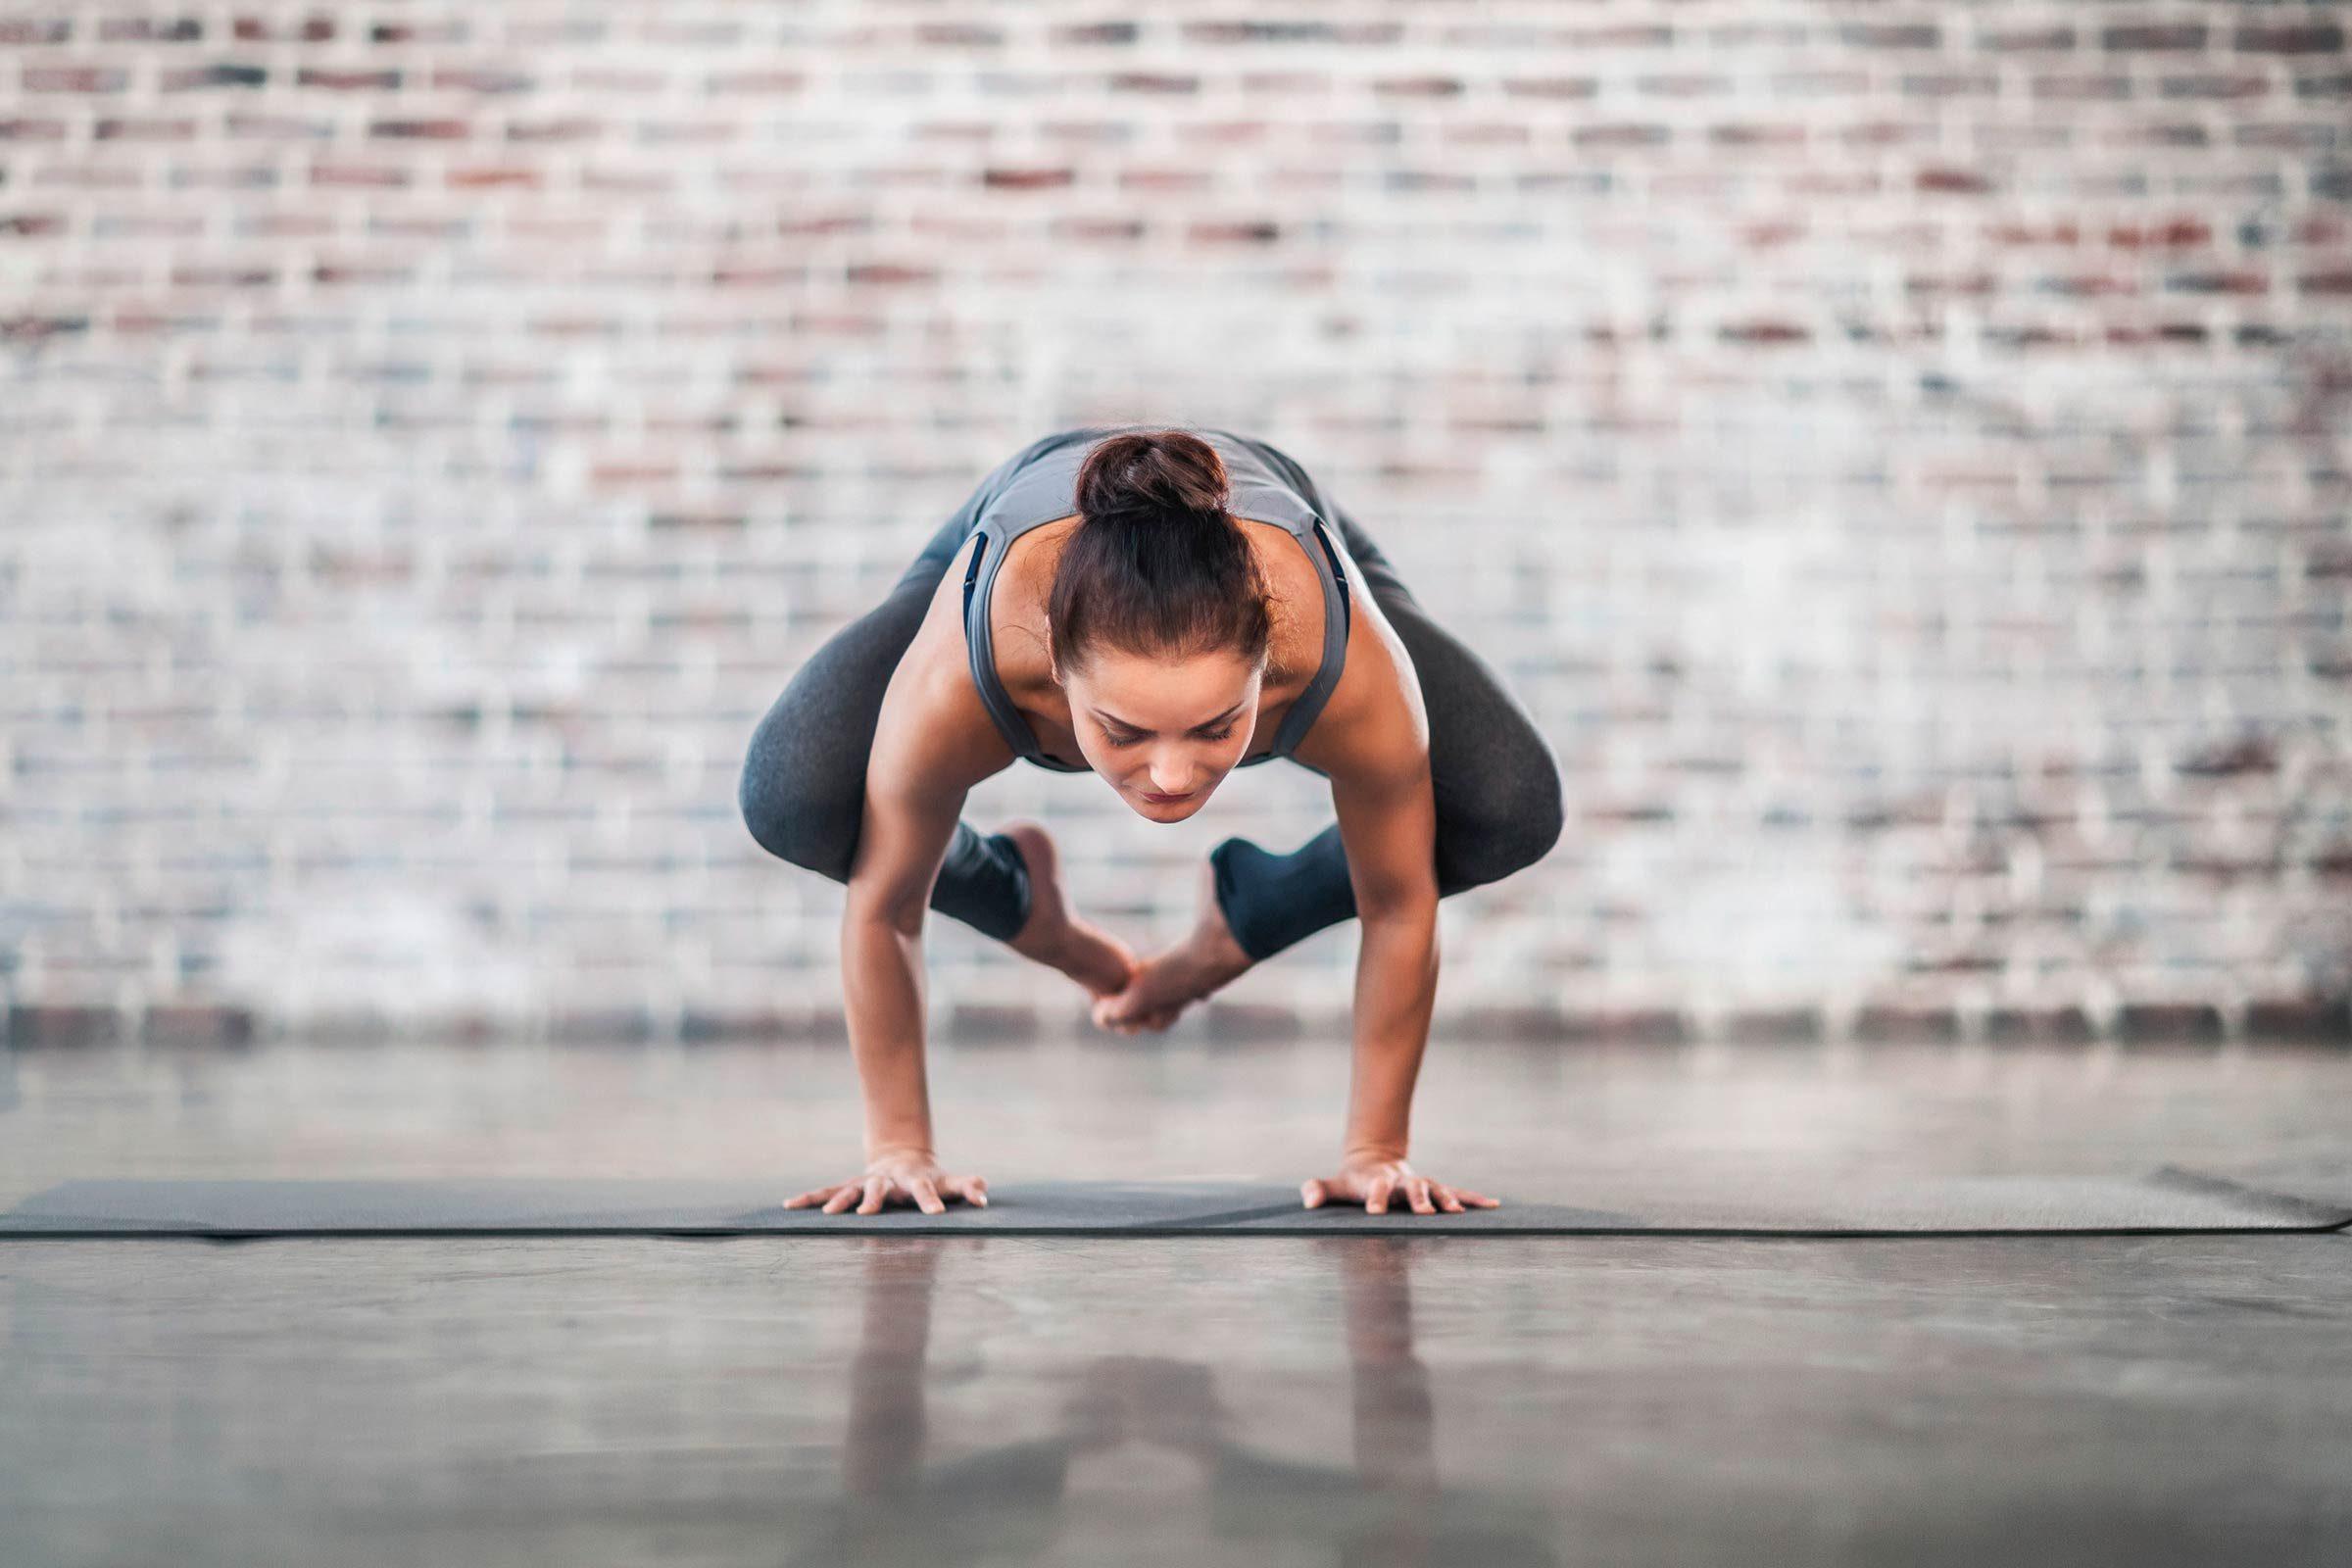 Yoga is HARD